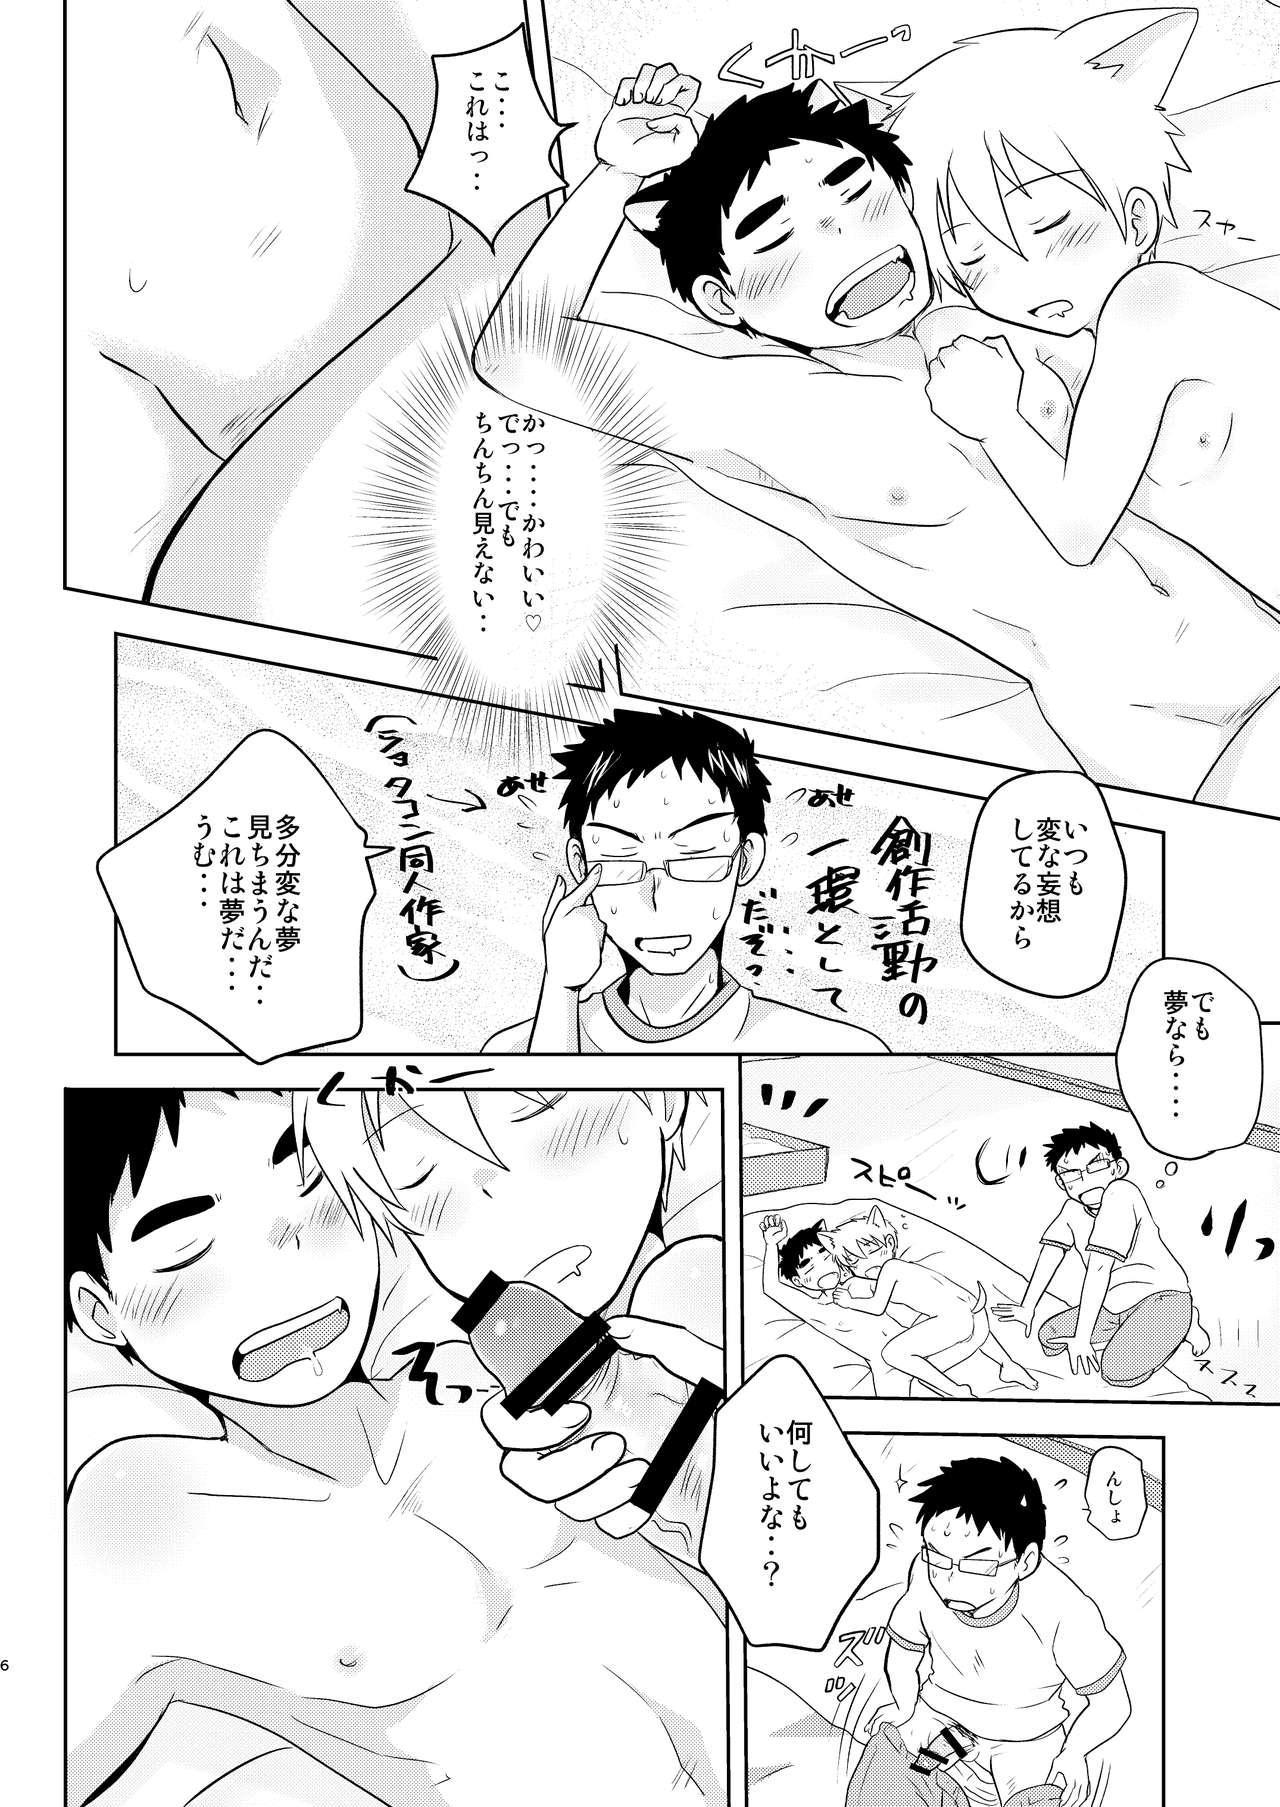 Wanko 2hiki ga iru Seikatsu! 5